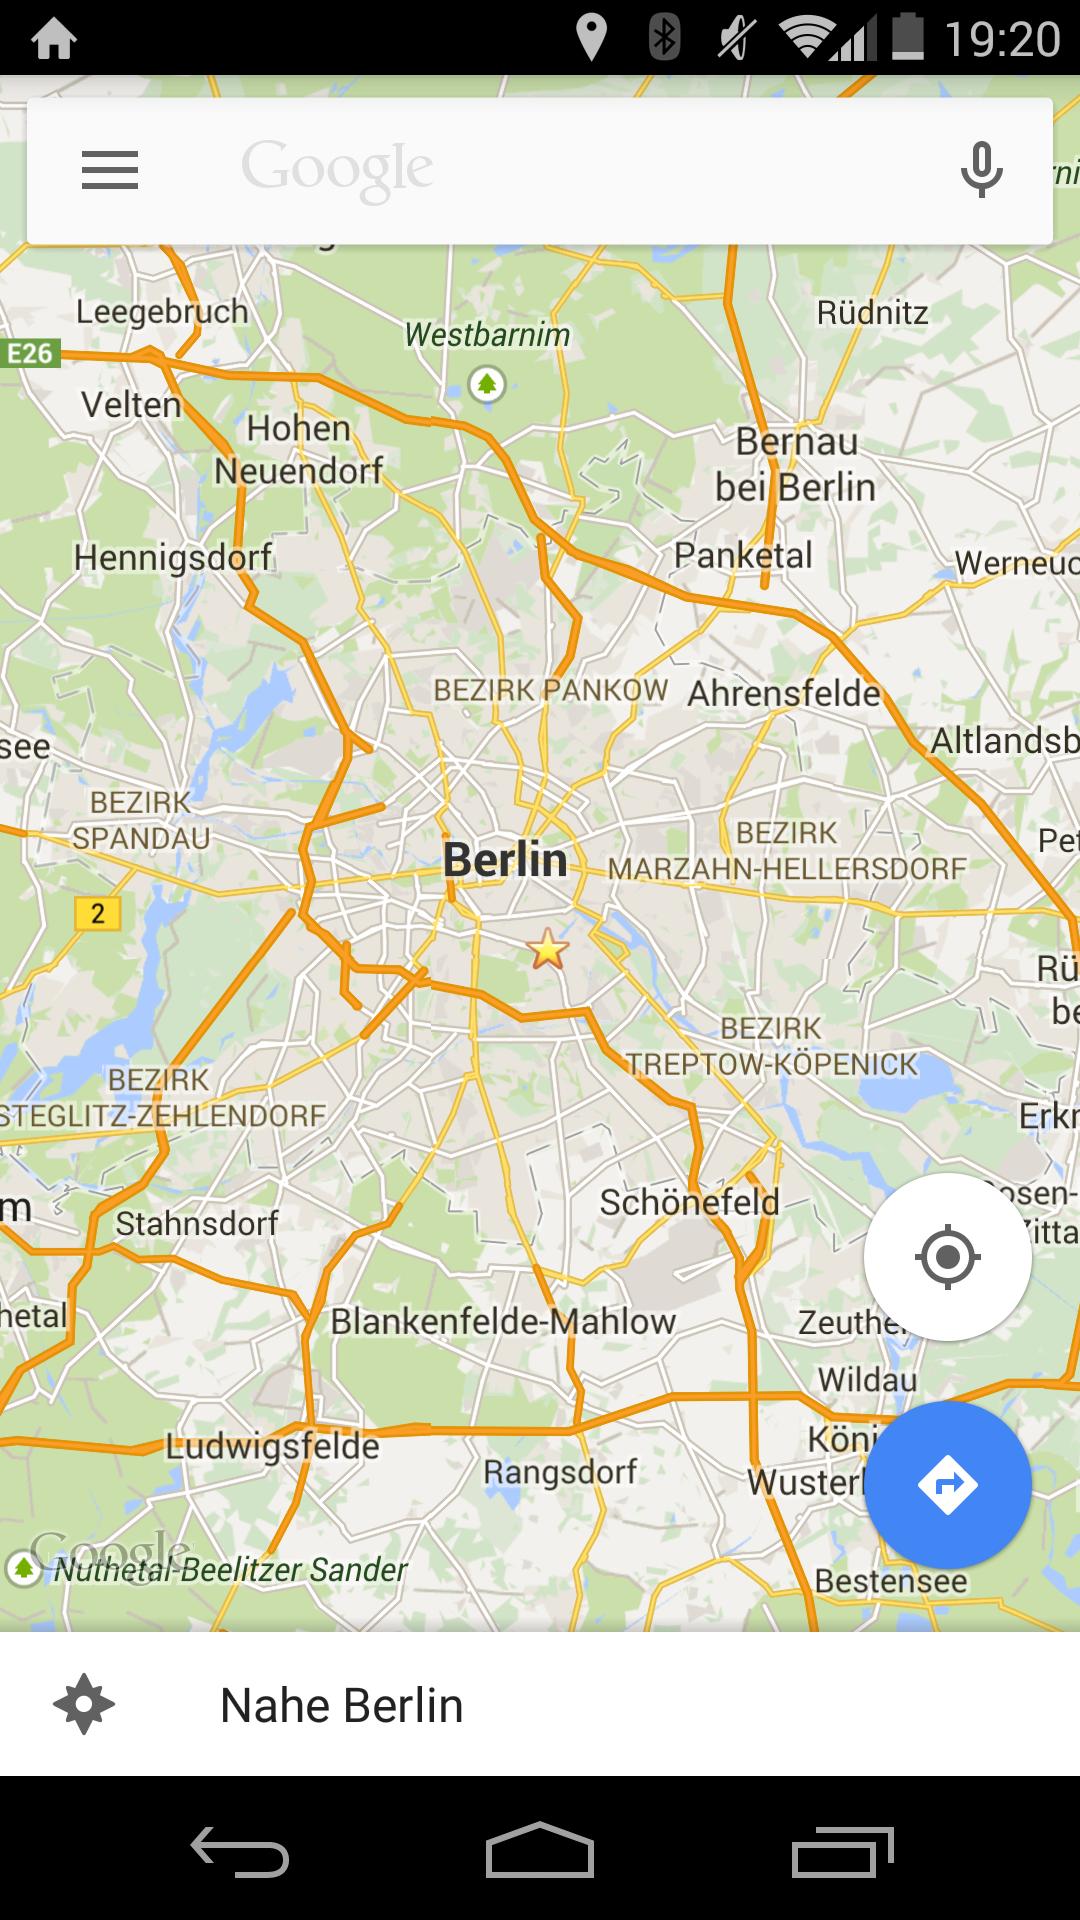 Google Maps für Android: Update auf Version 9.0 mit Material Design on